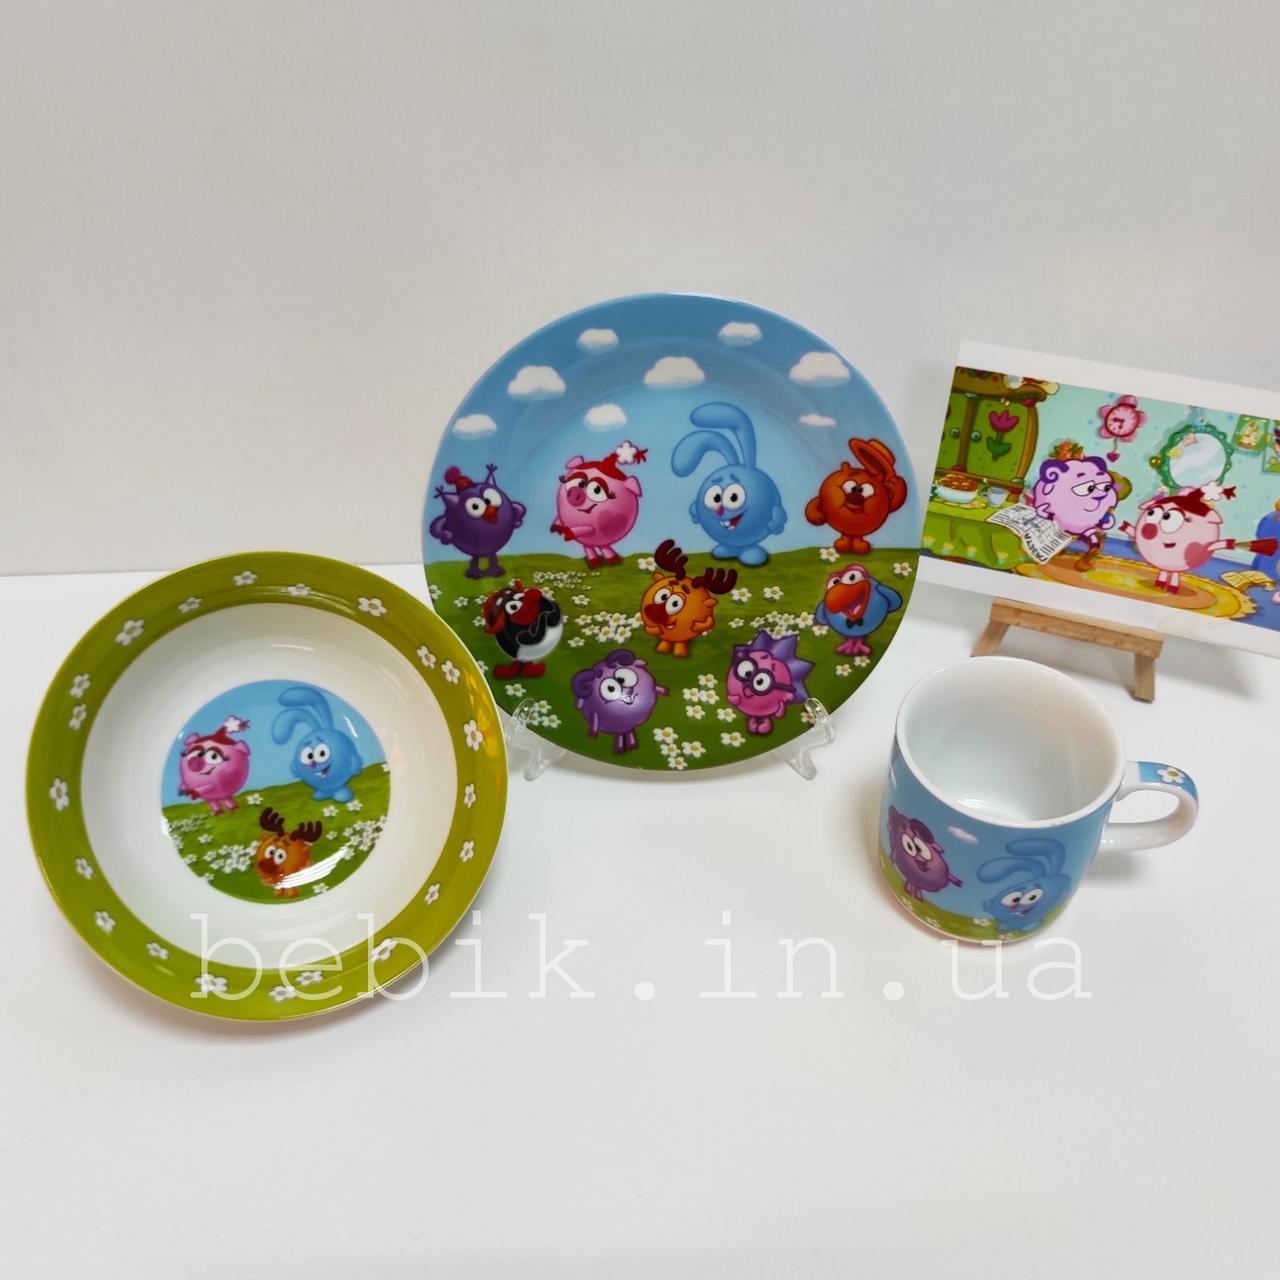 Керамічний набір дитячого посуду Смішарики для їжі